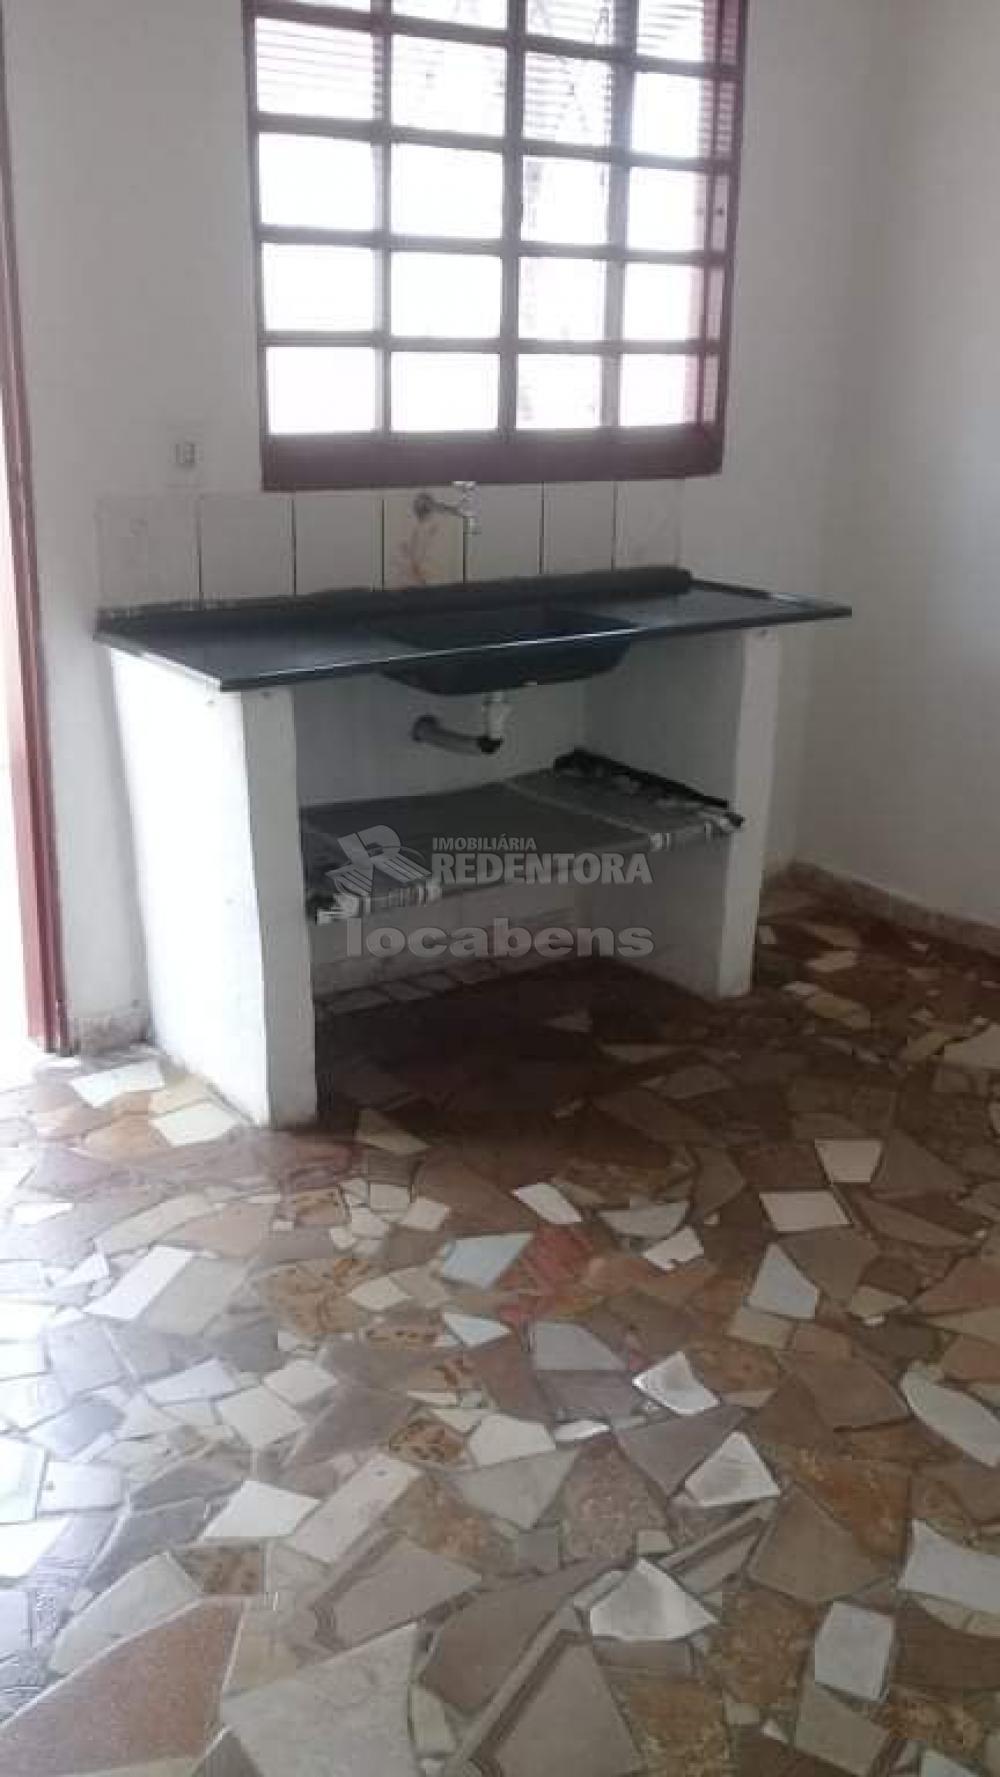 Comprar Casa / Padrão em São José do Rio Preto R$ 165.000,00 - Foto 13